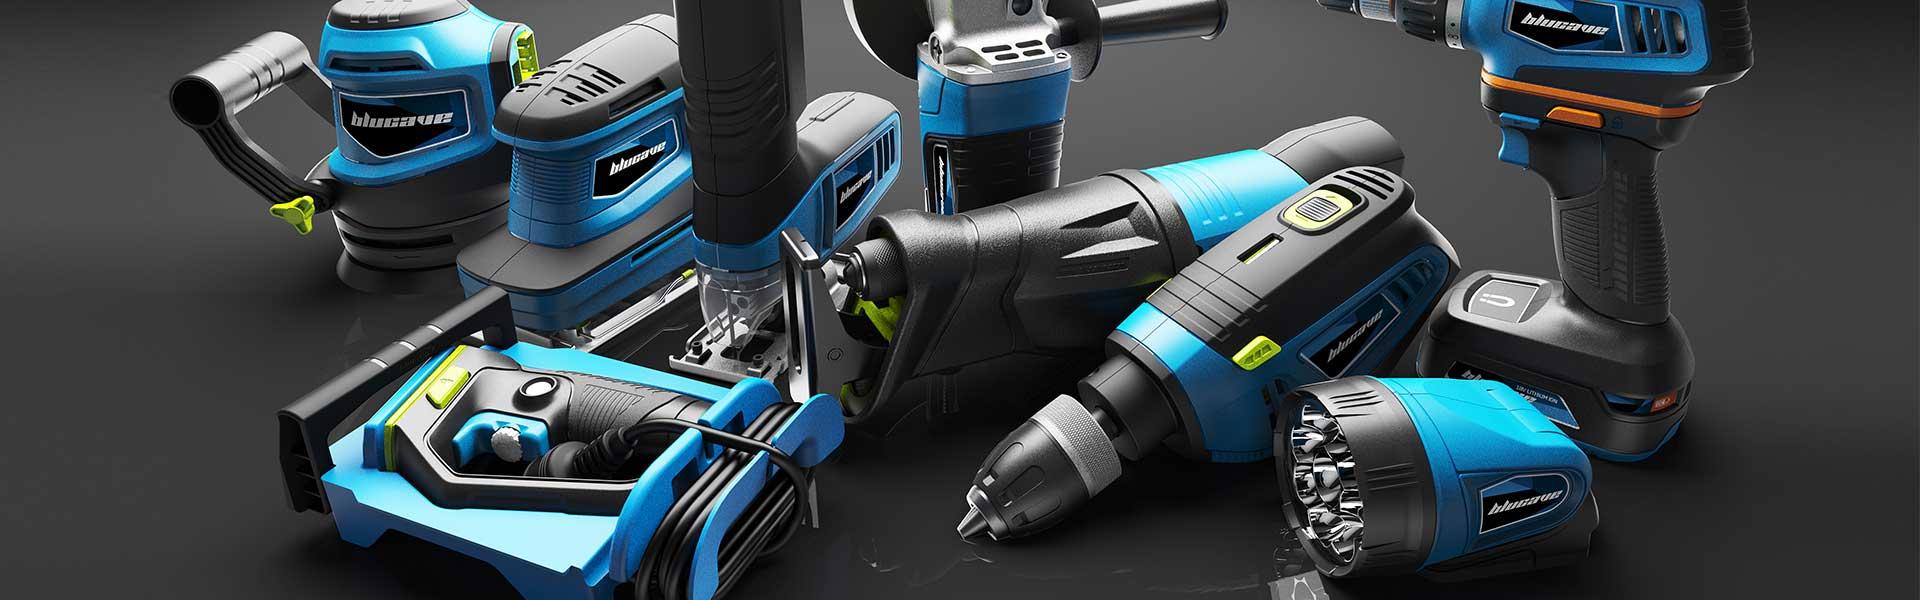 BluCave Tools 01